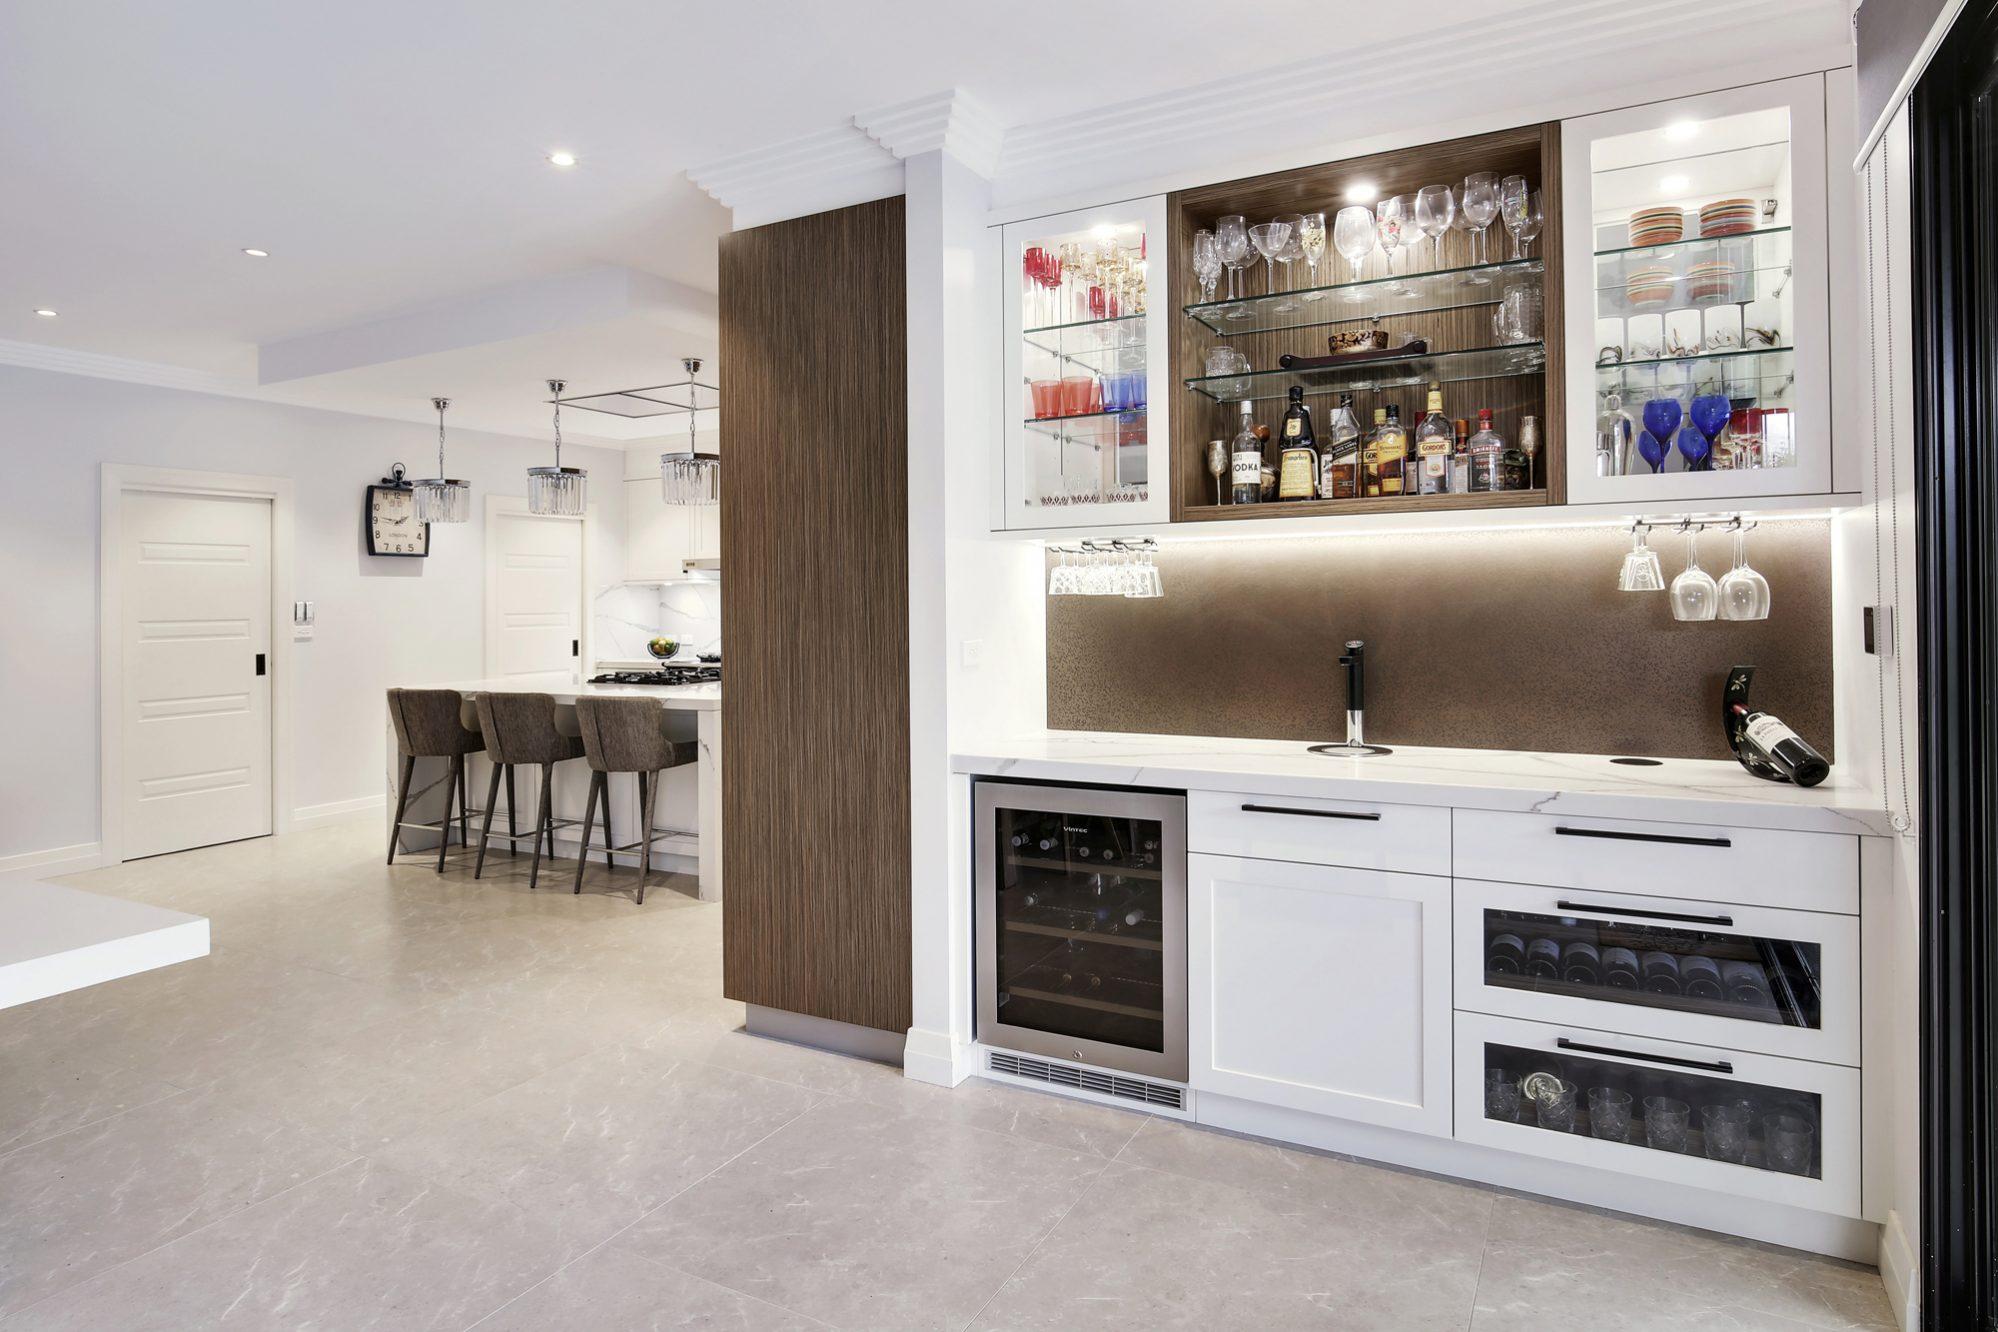 Killarney Heights Kitchen Interior design kitchen, View